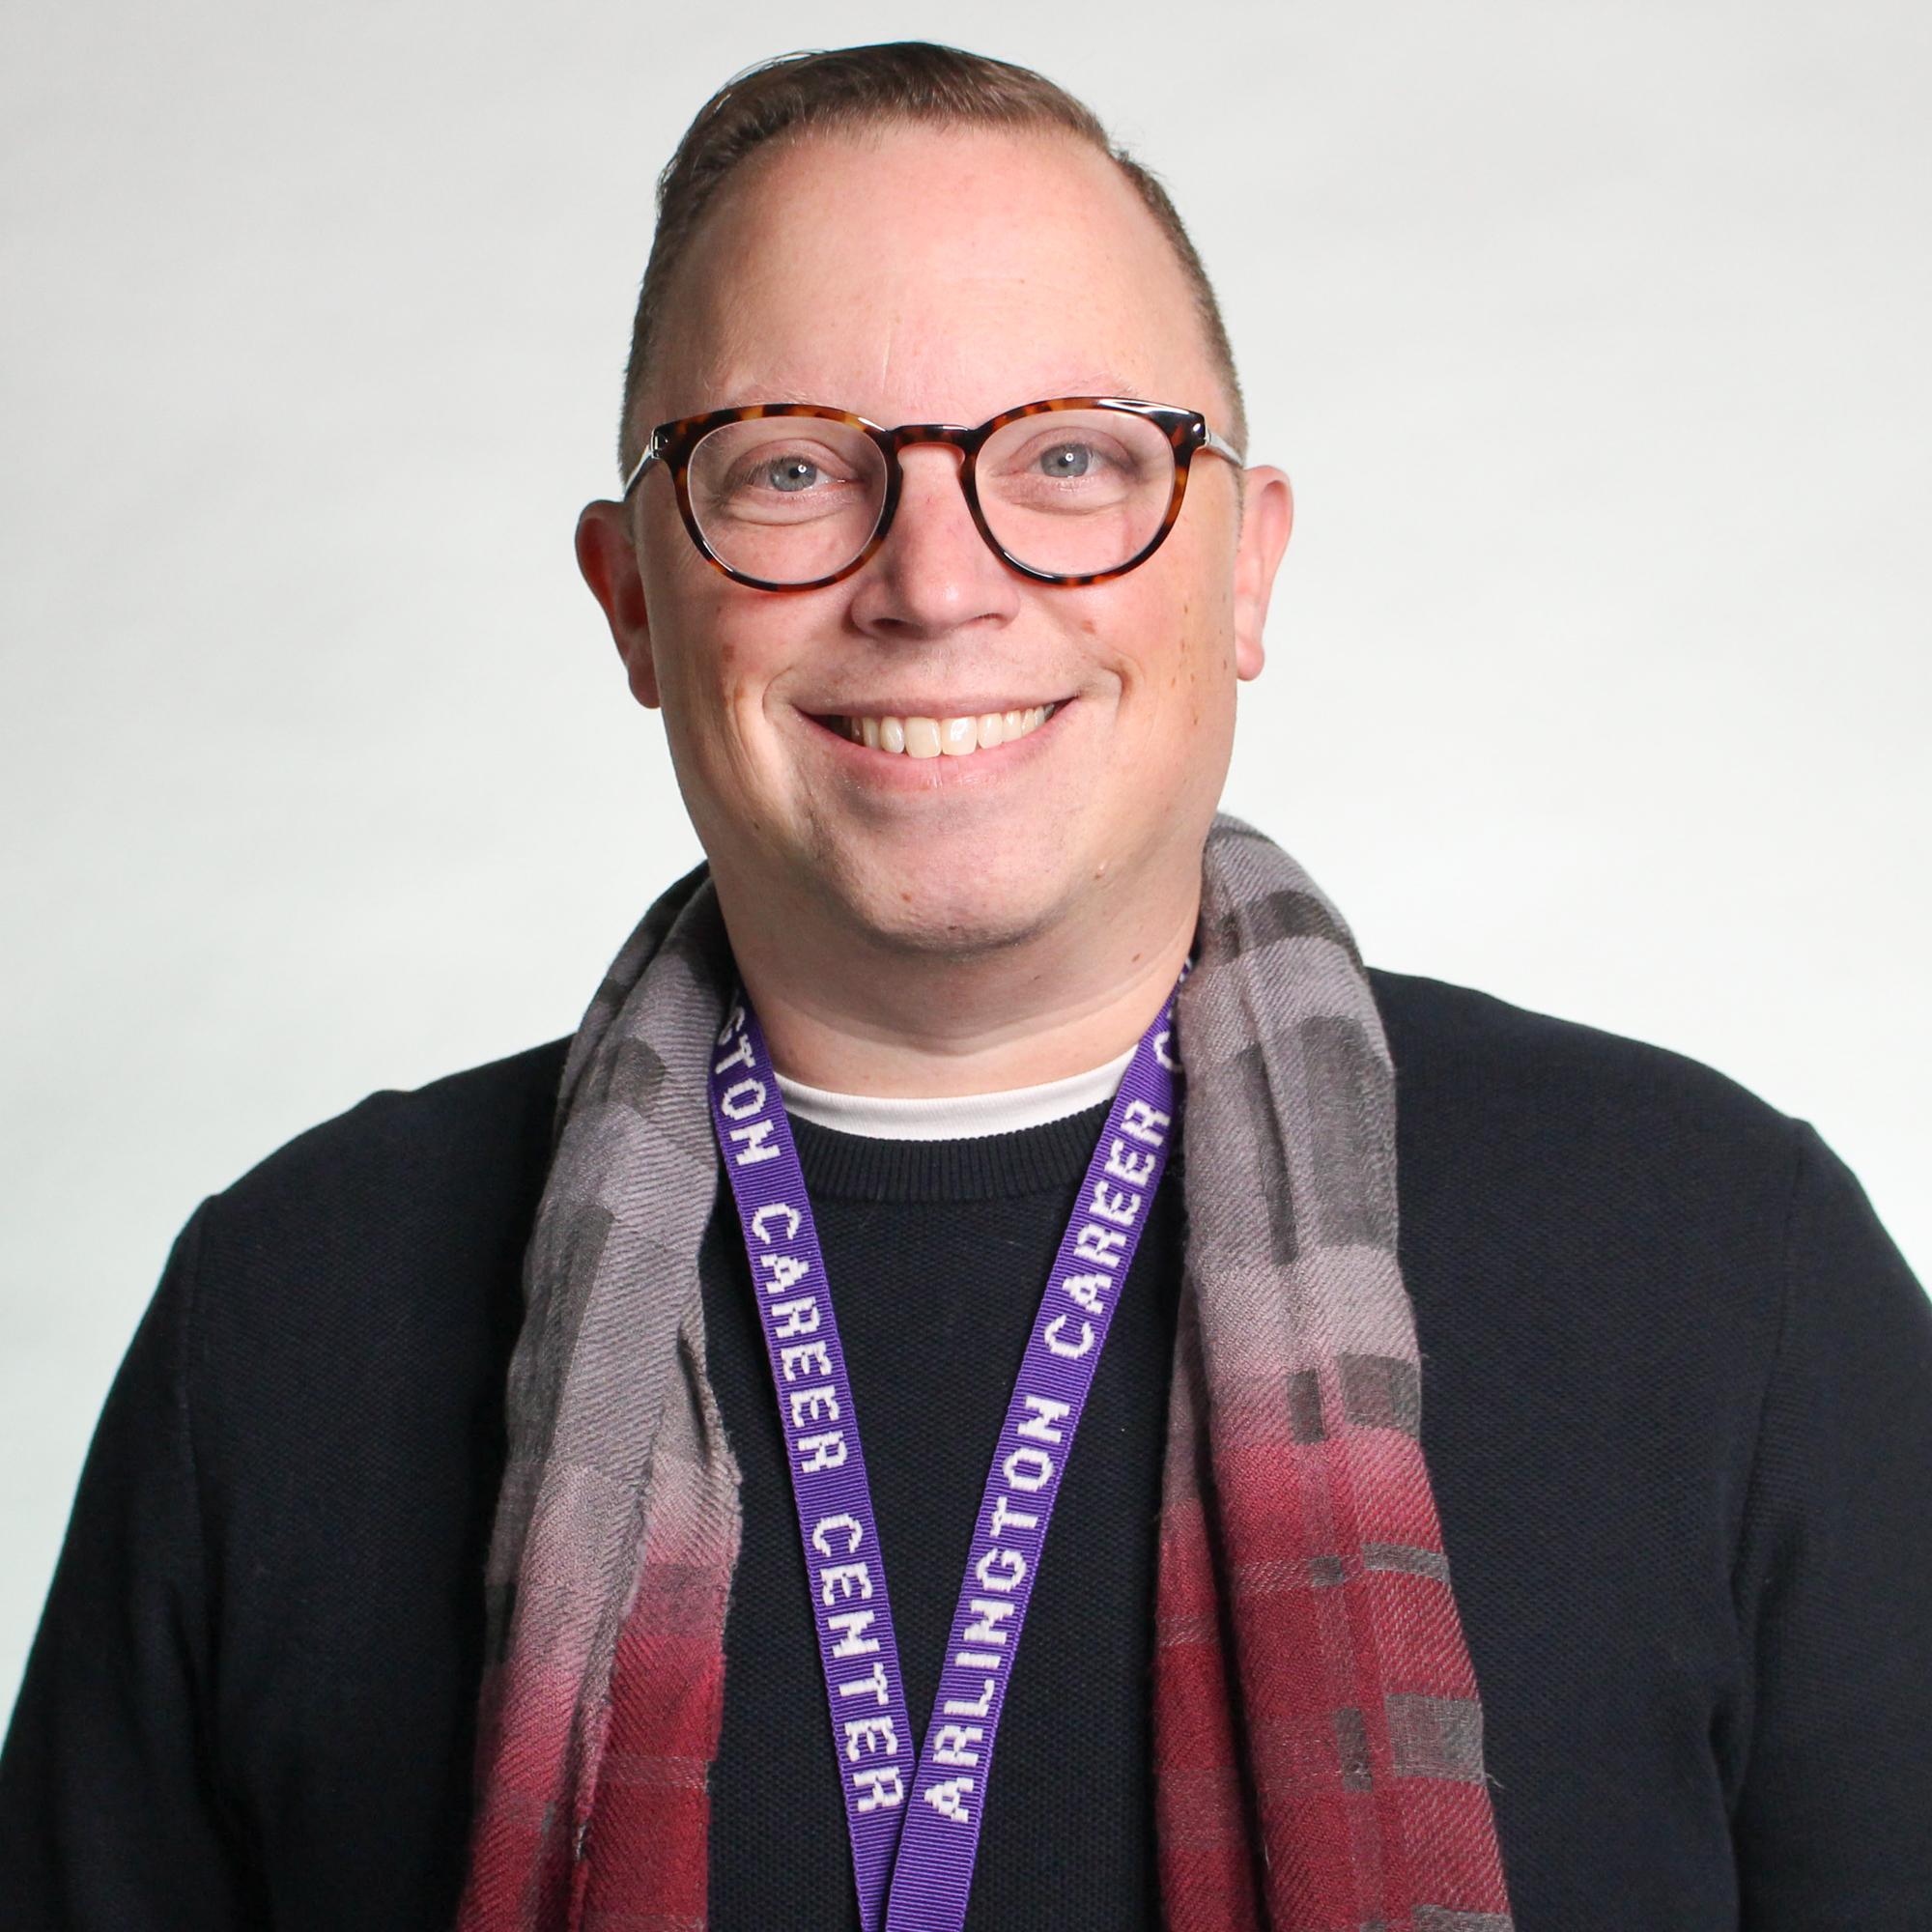 Mr. Micah Stein-Verbit